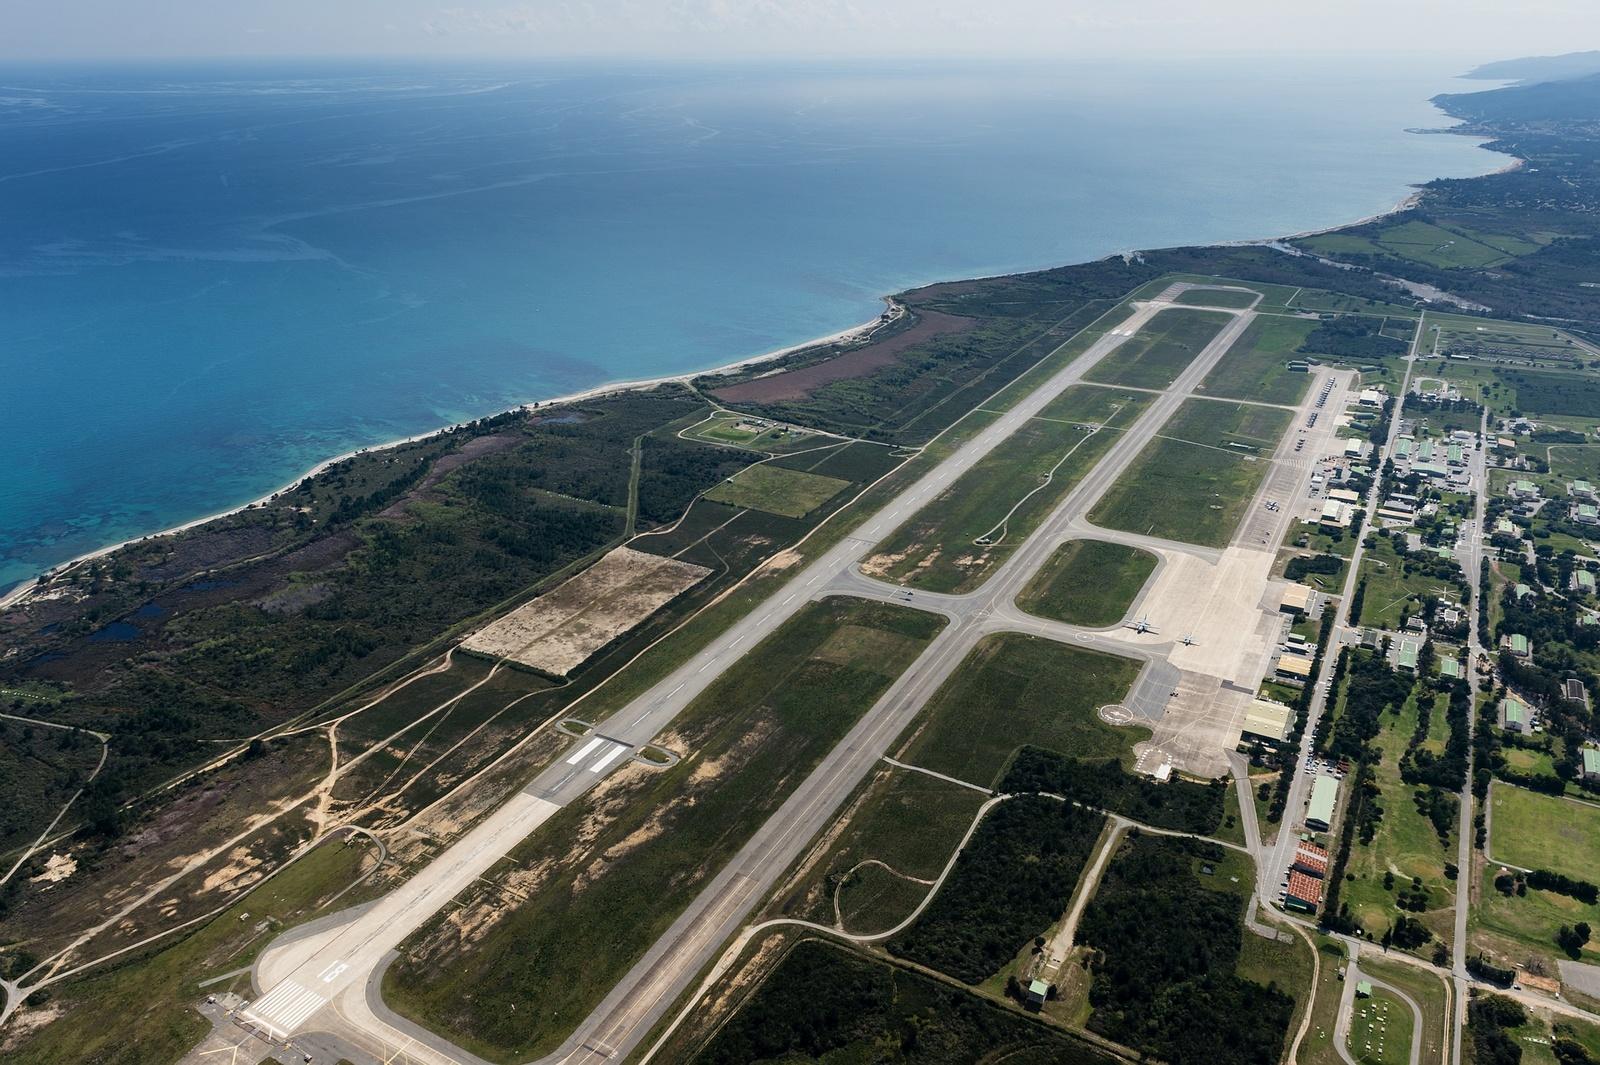 Core in Fronte si mobilita contro l'espansione e l'inquinamento della base militare di Solenzara